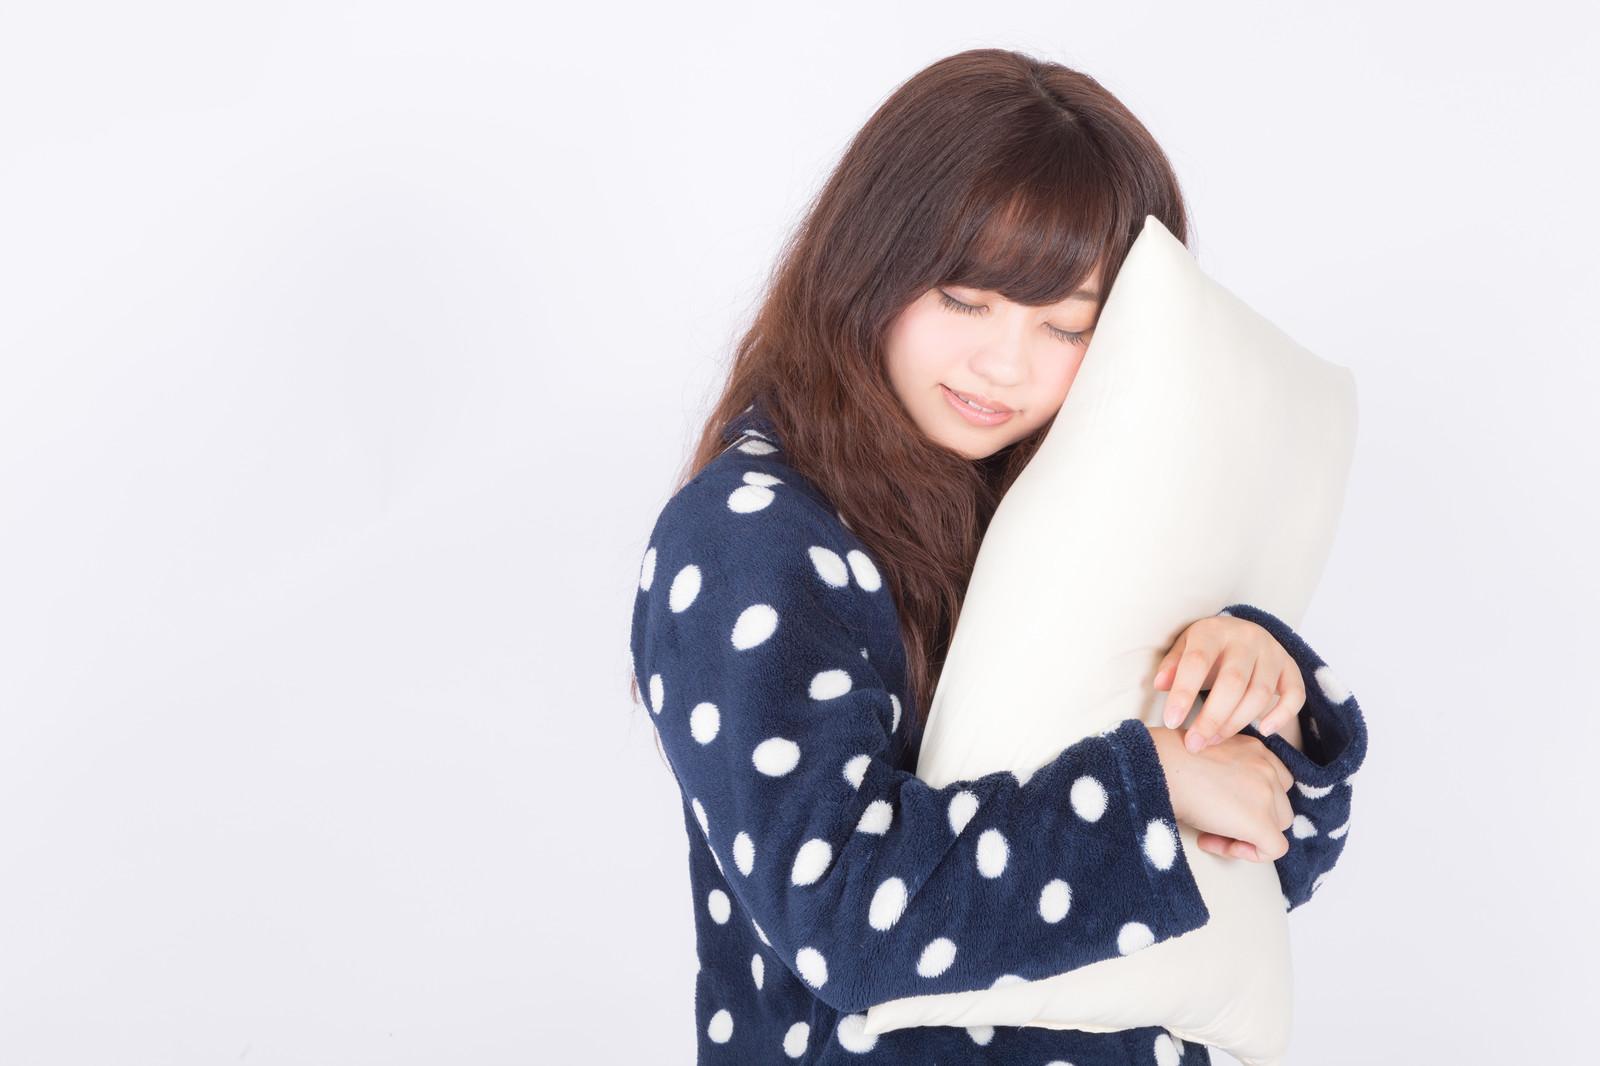 枕を抱いて眠る女性